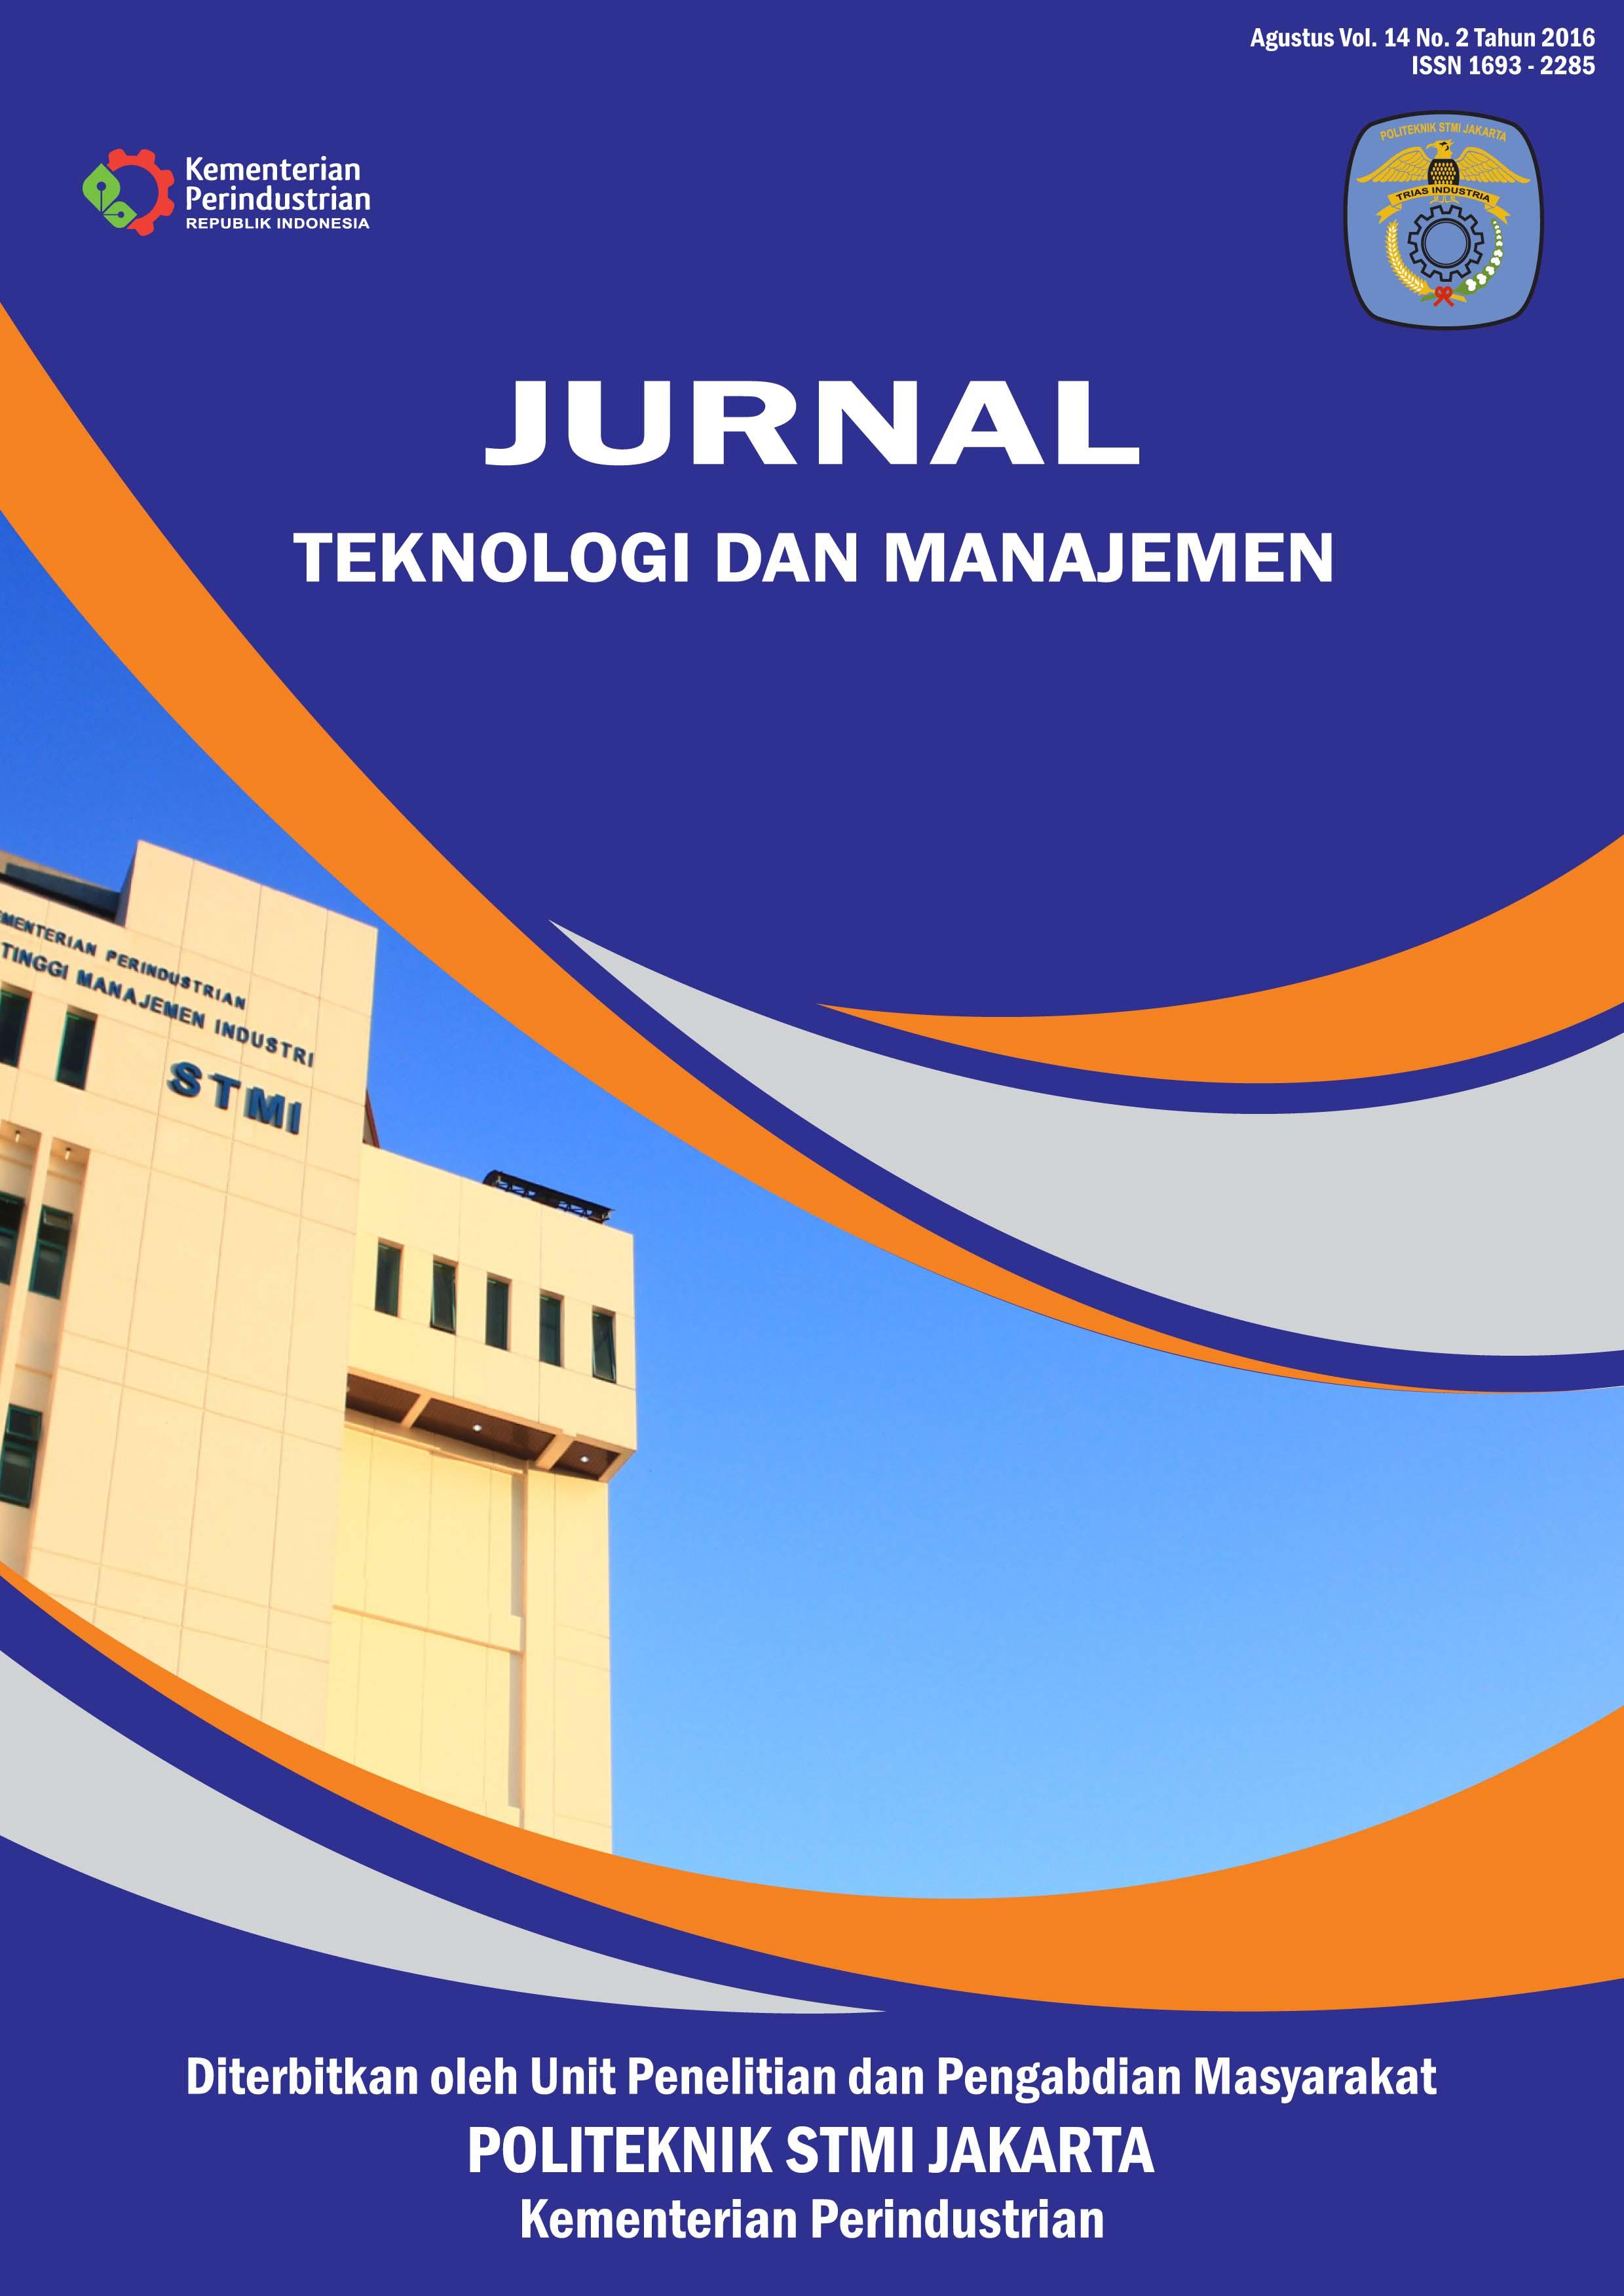 Jurnal Teknologi dan Manajemen Volume 14 No 2 Agustus 2016